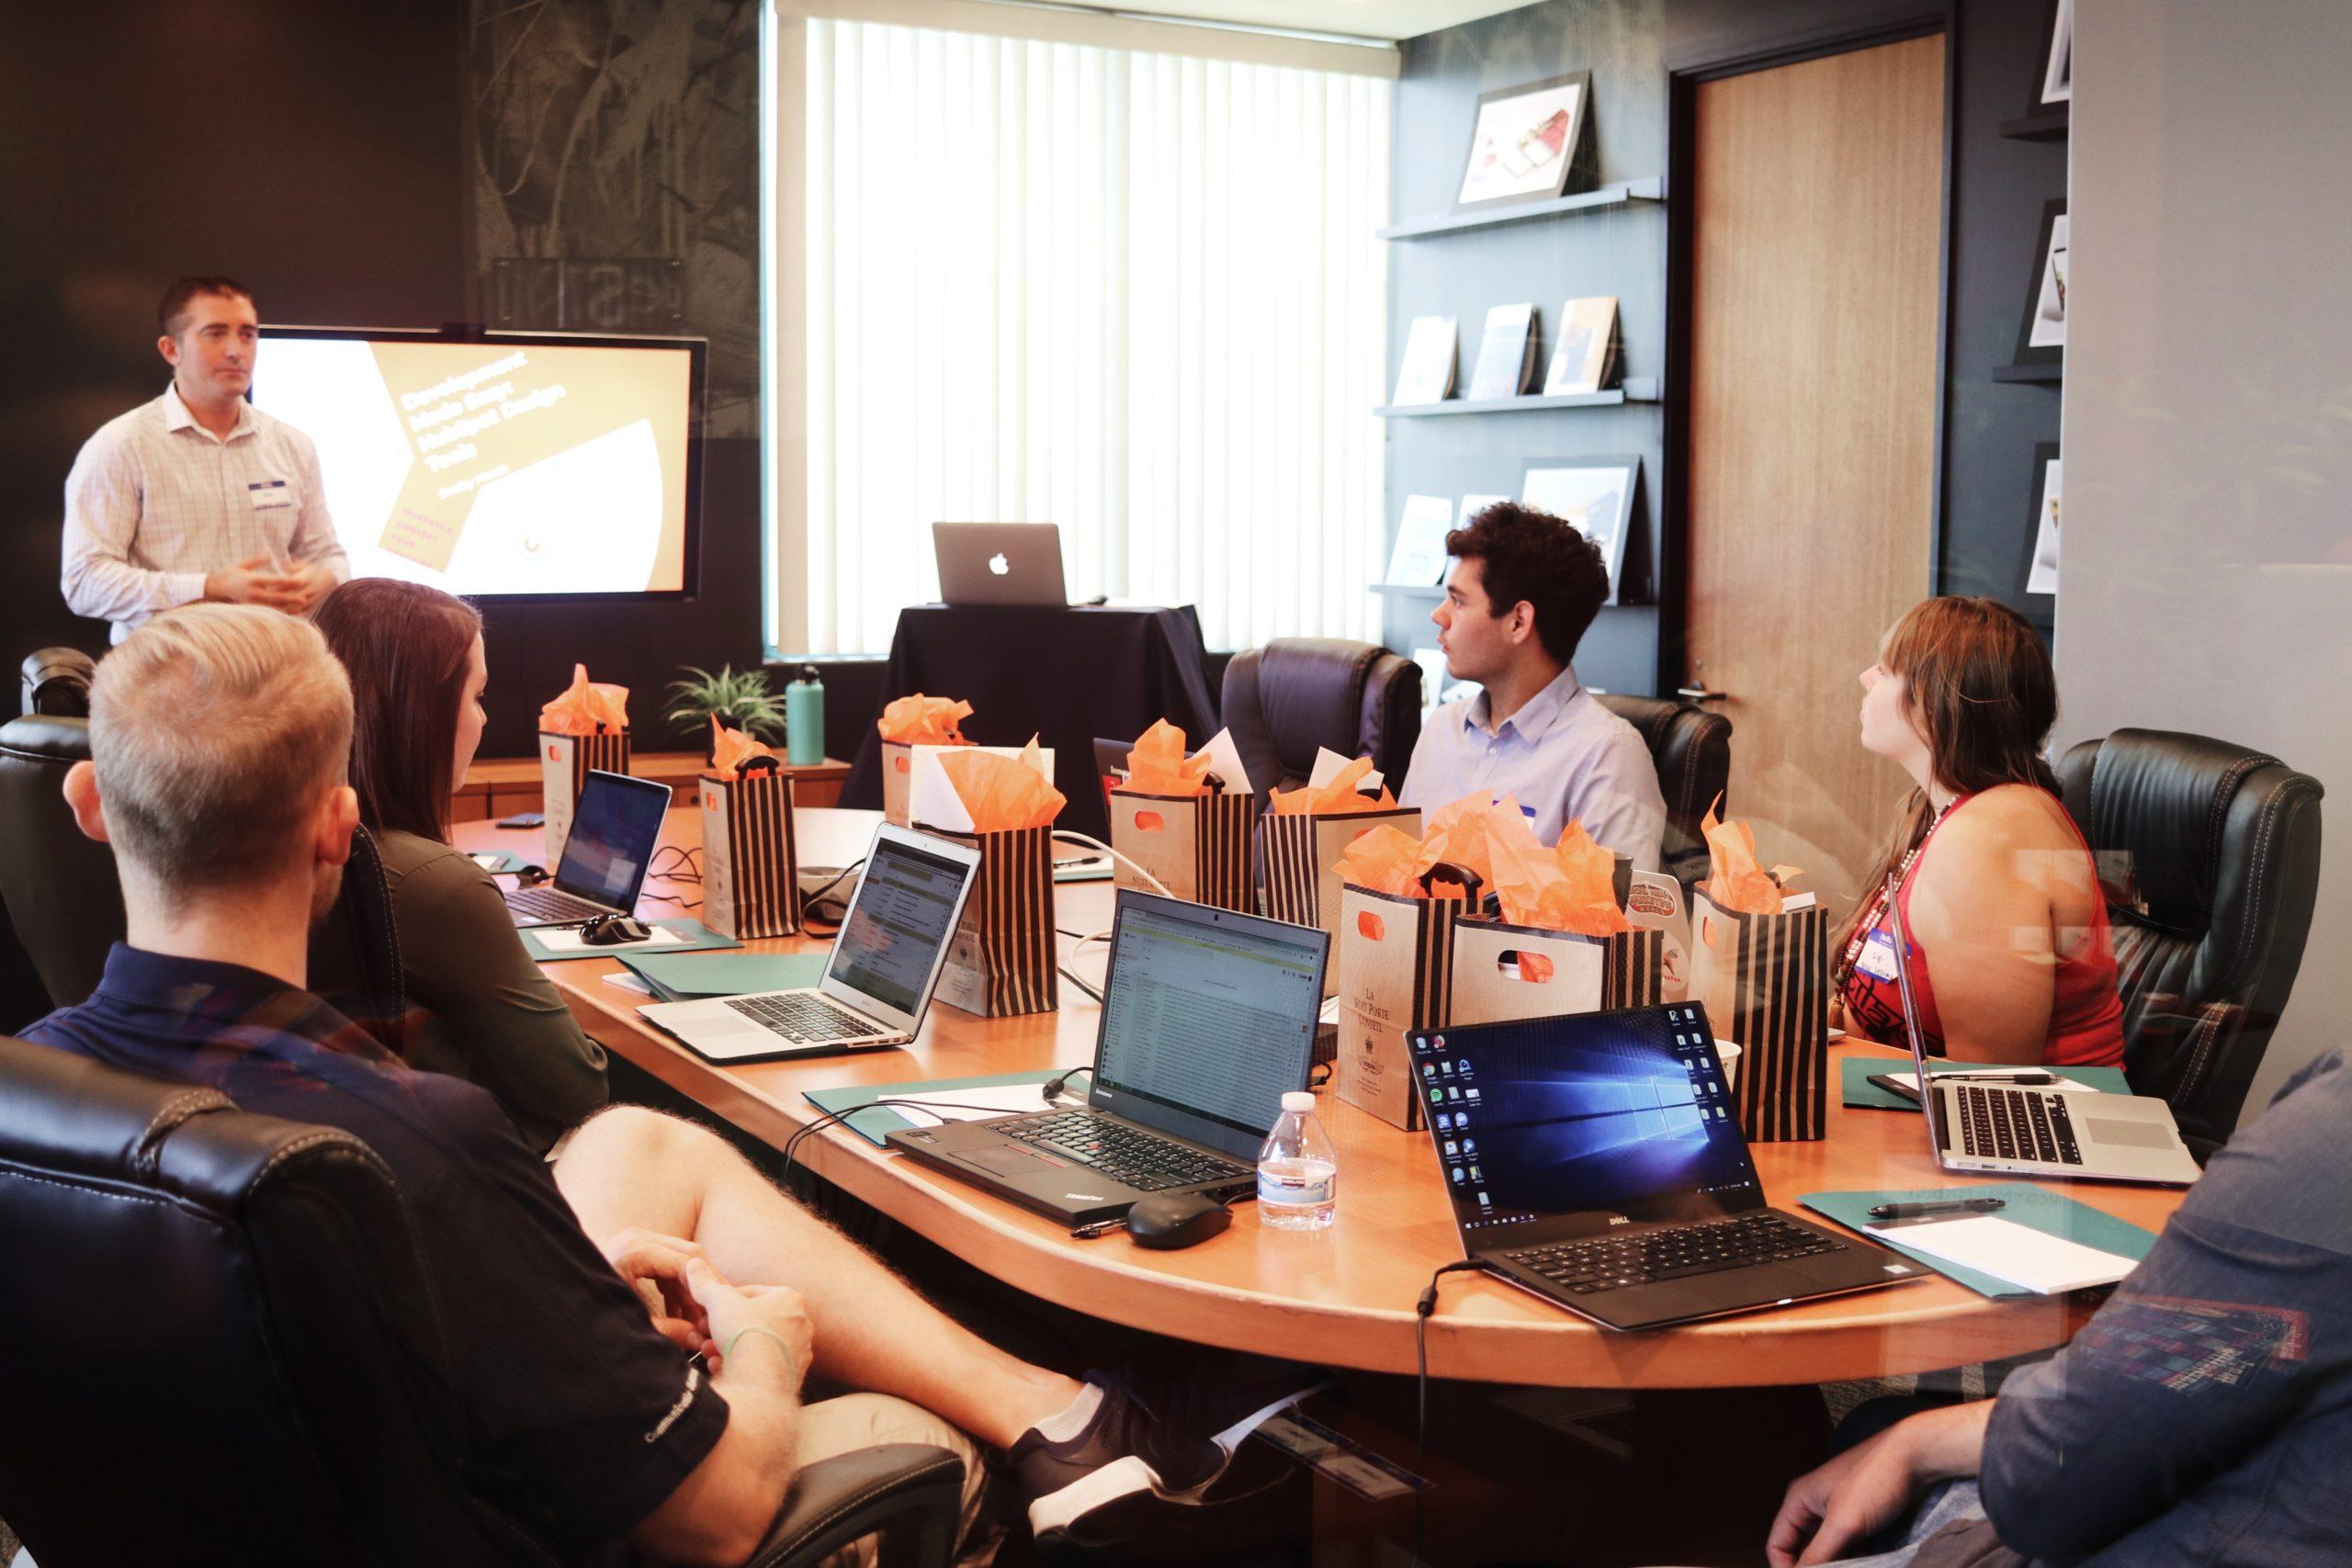 若者のオフィスの画像